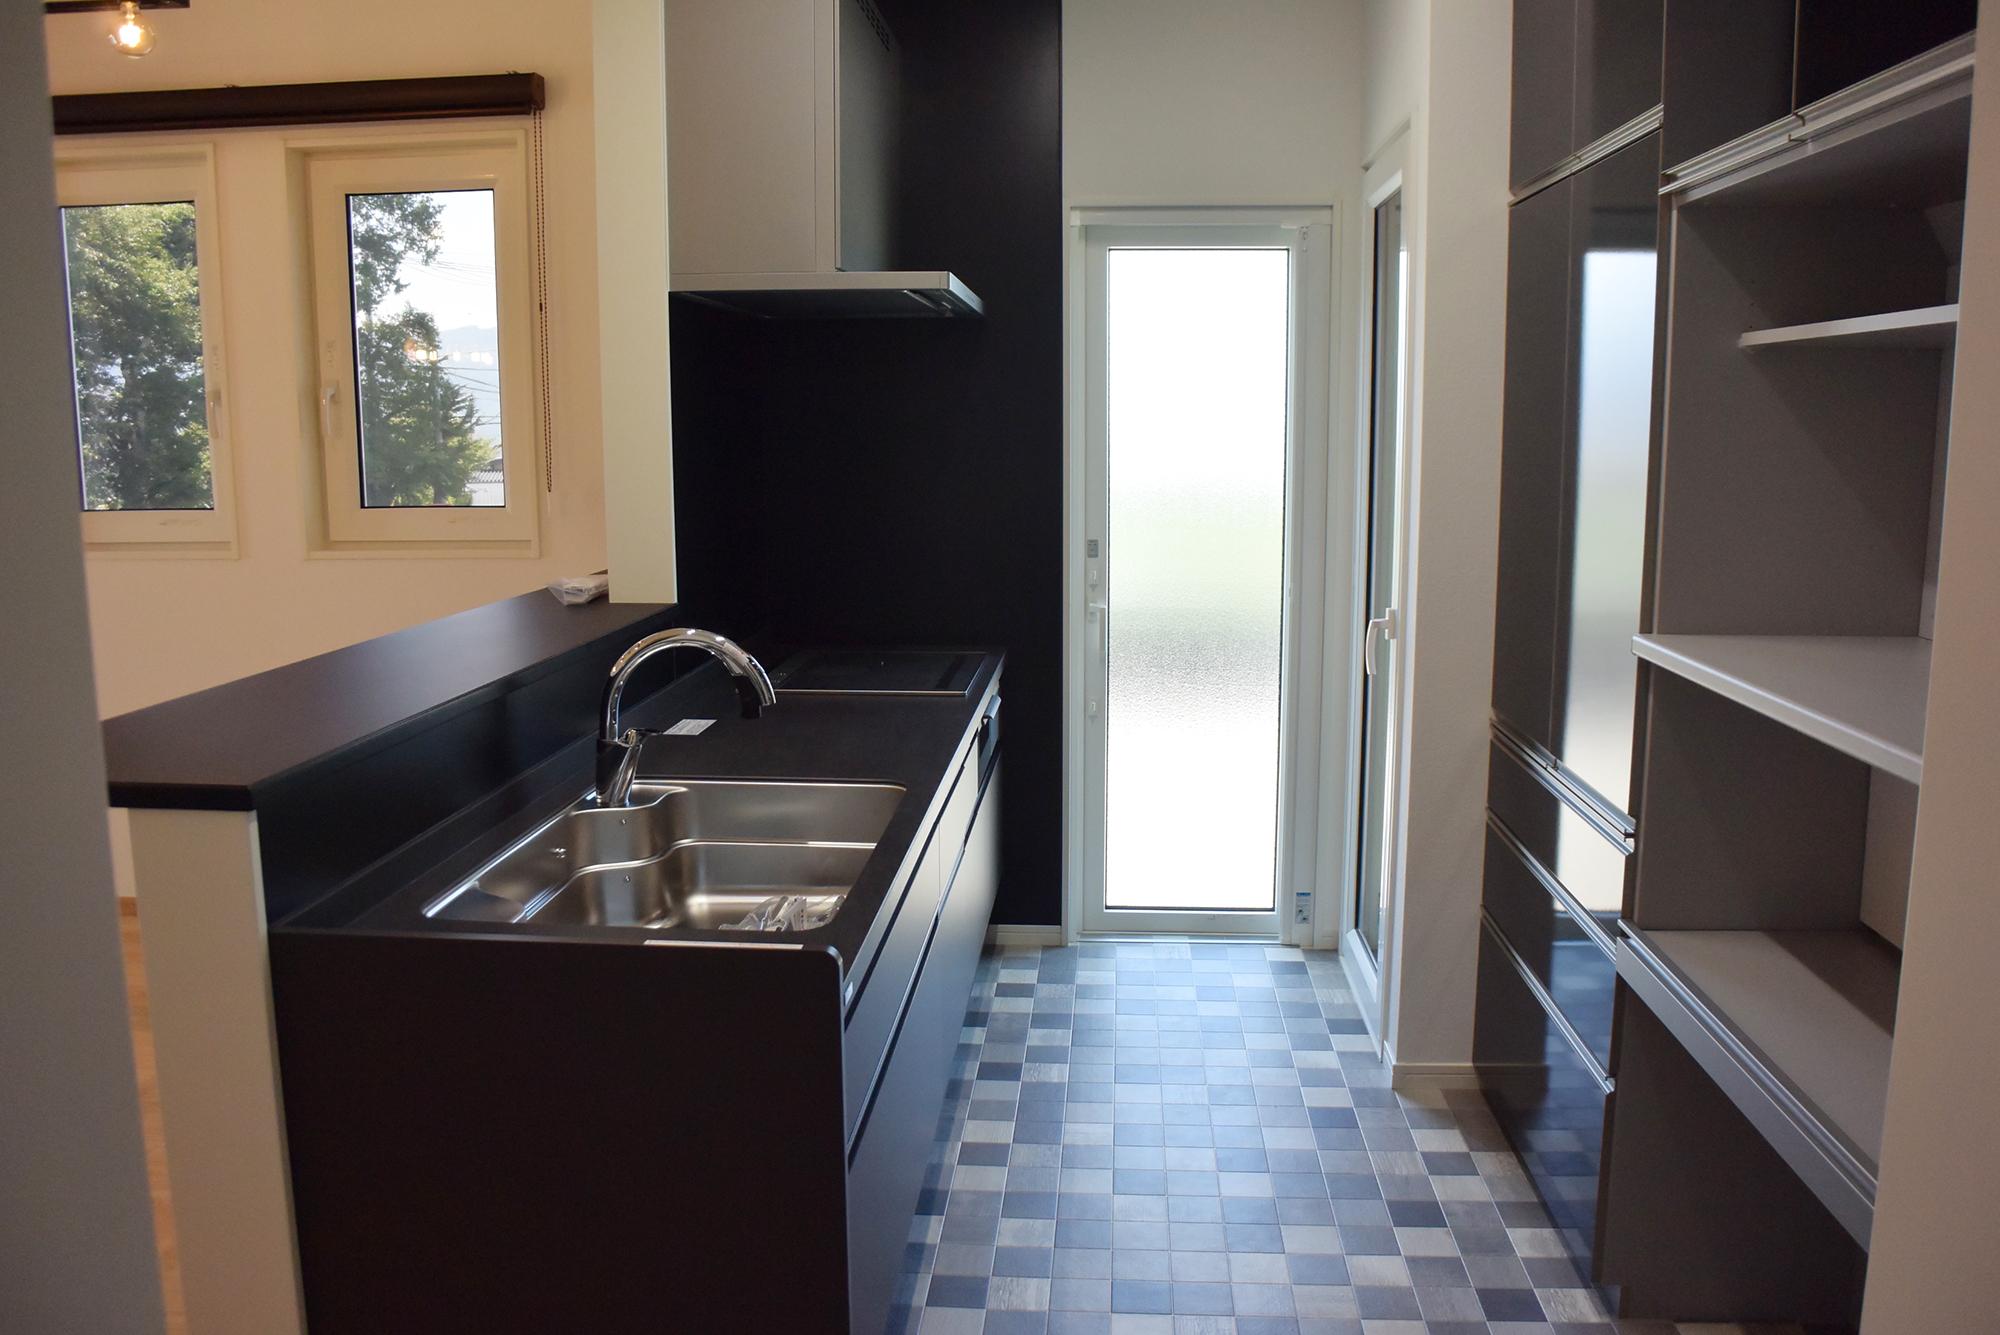 とても色合いの良いLIXILのキッチン。キッチンスペースは豪華なものに仕上がっています。